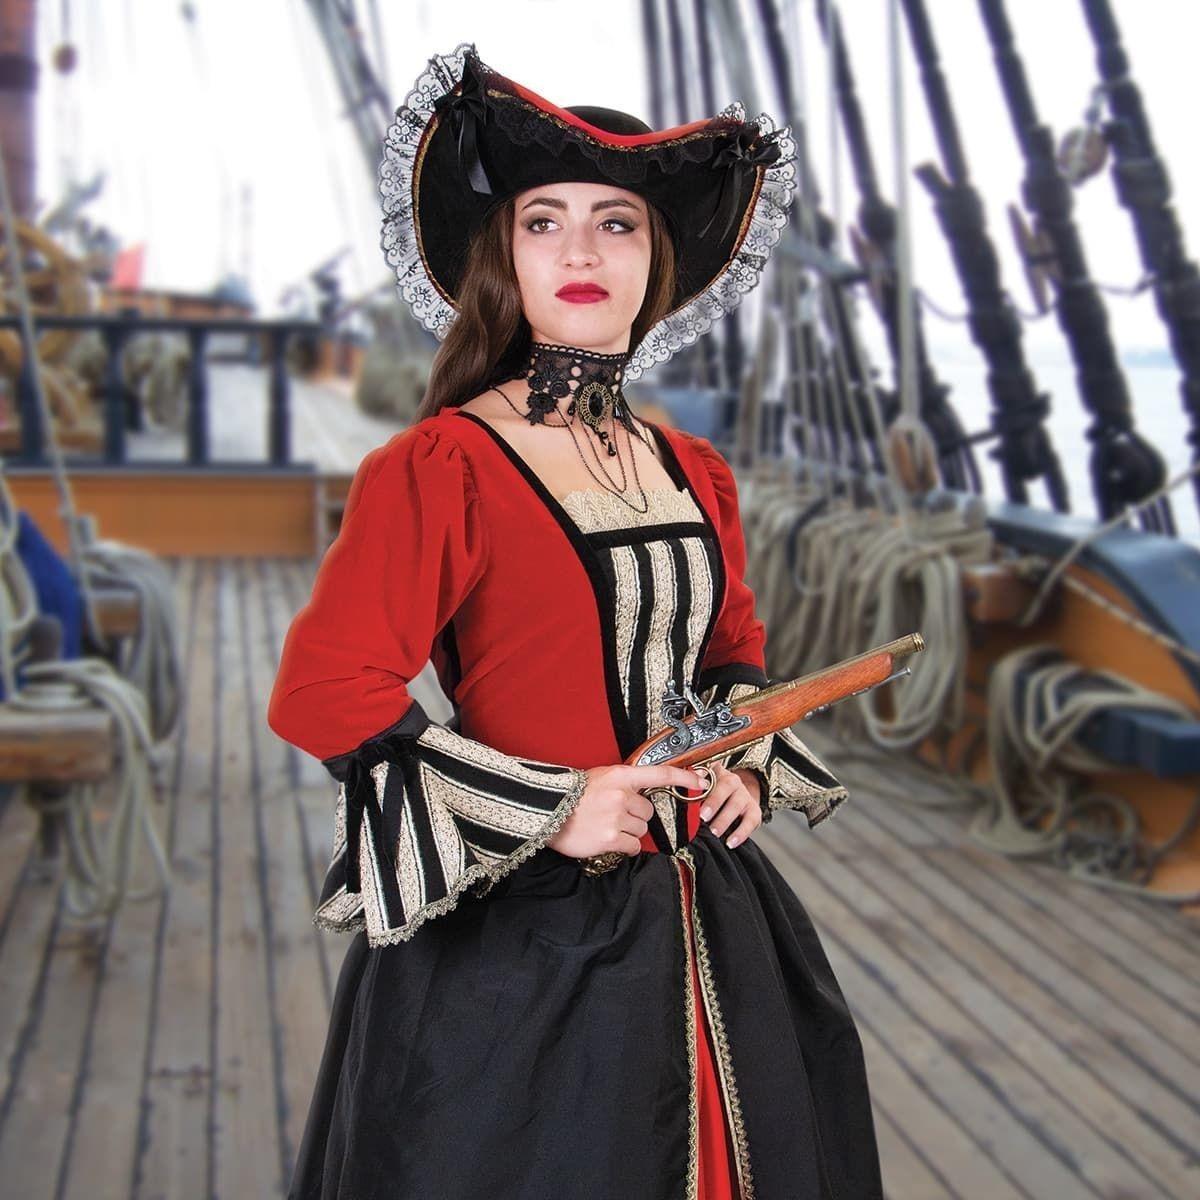 Ladies Anne Bonny Renaissance Pirate Gown - Museum Replicas